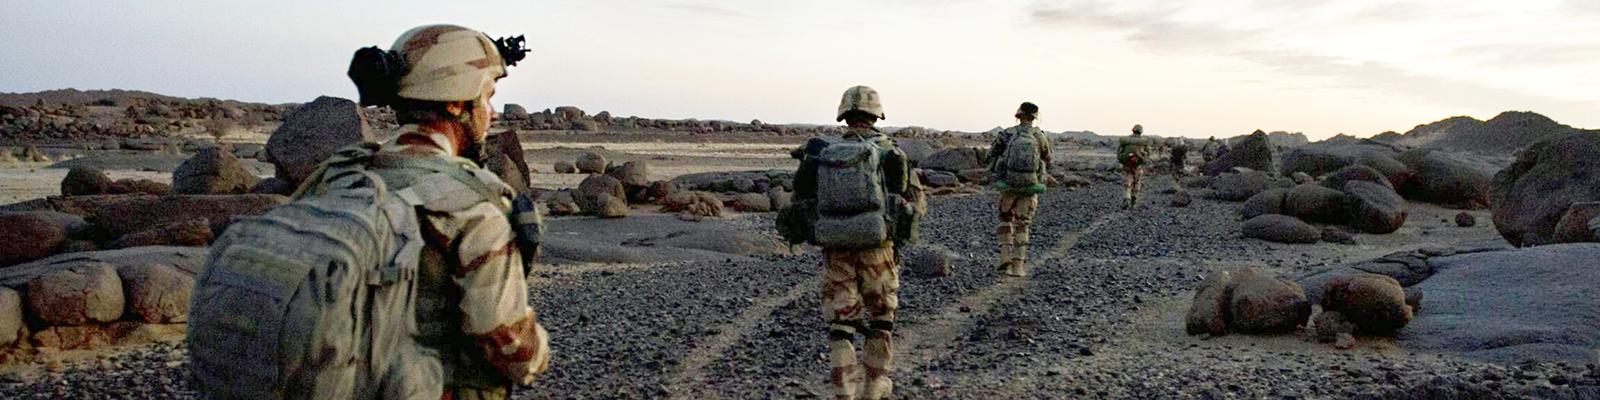 Soldaten der französischen Fremdenlegion beim Militäreinsatz in Mali (2013)